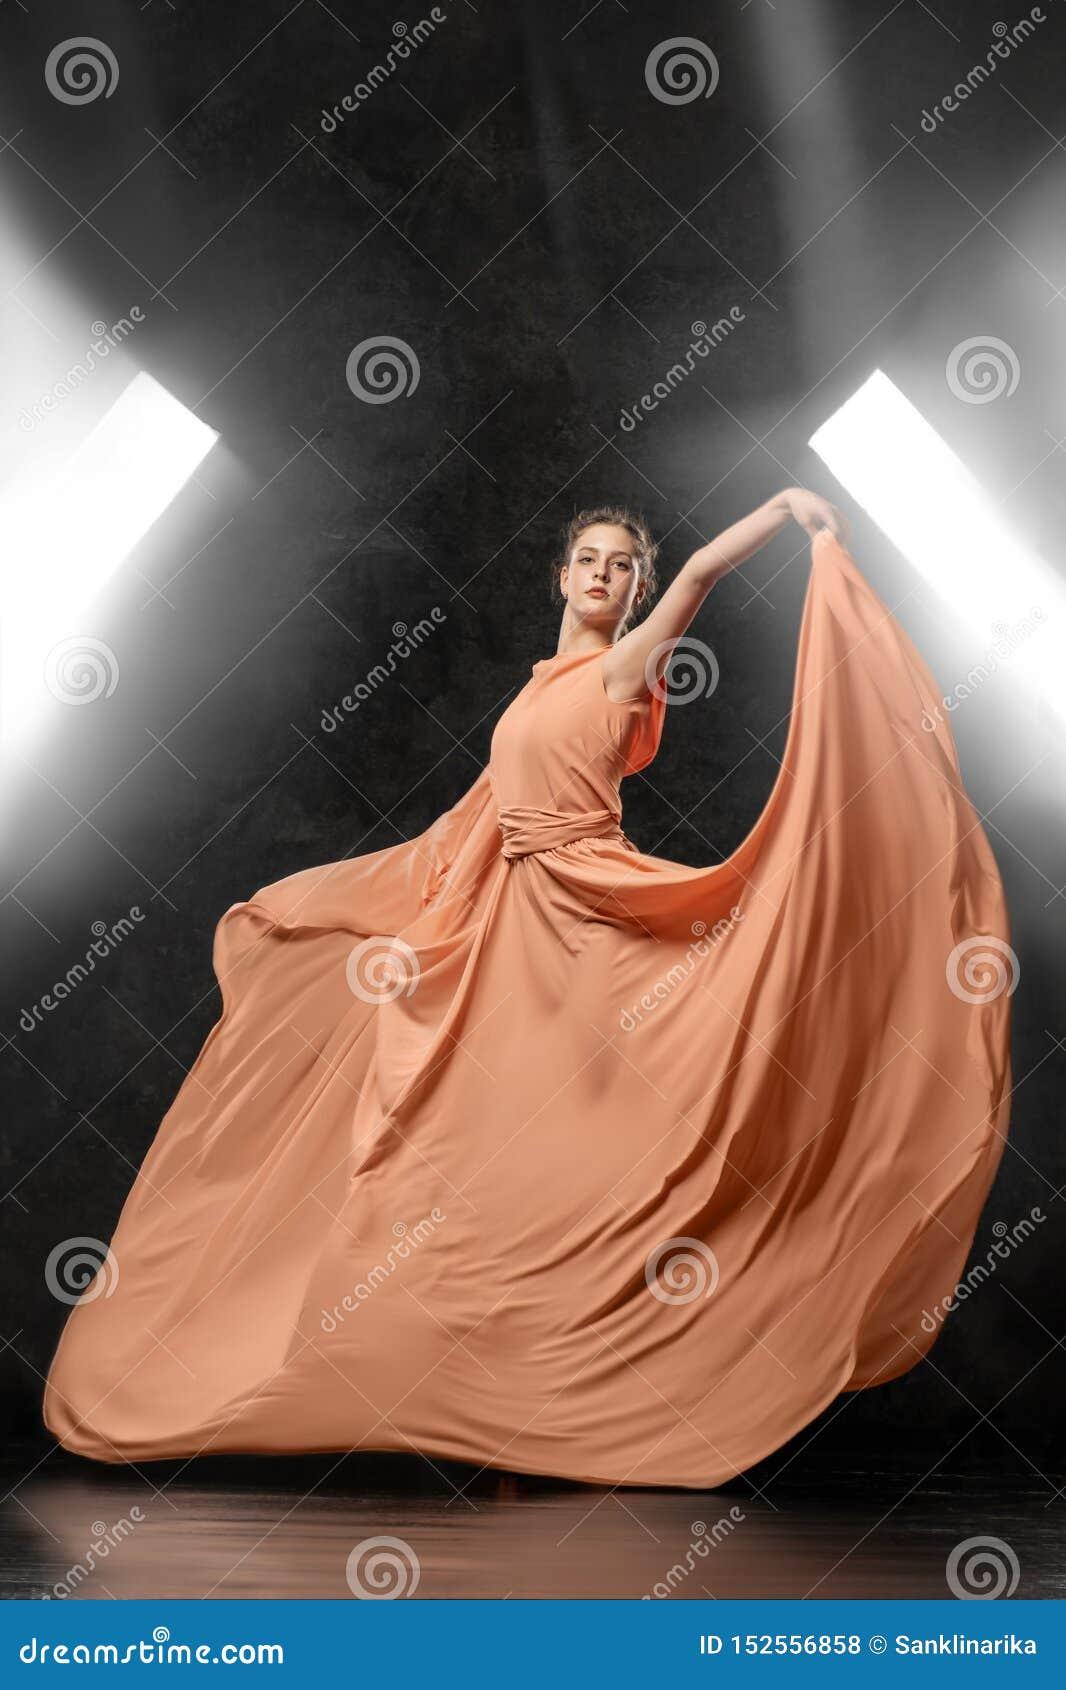 芭蕾舞女演员展示舞蹈技能 美好的经典芭蕾